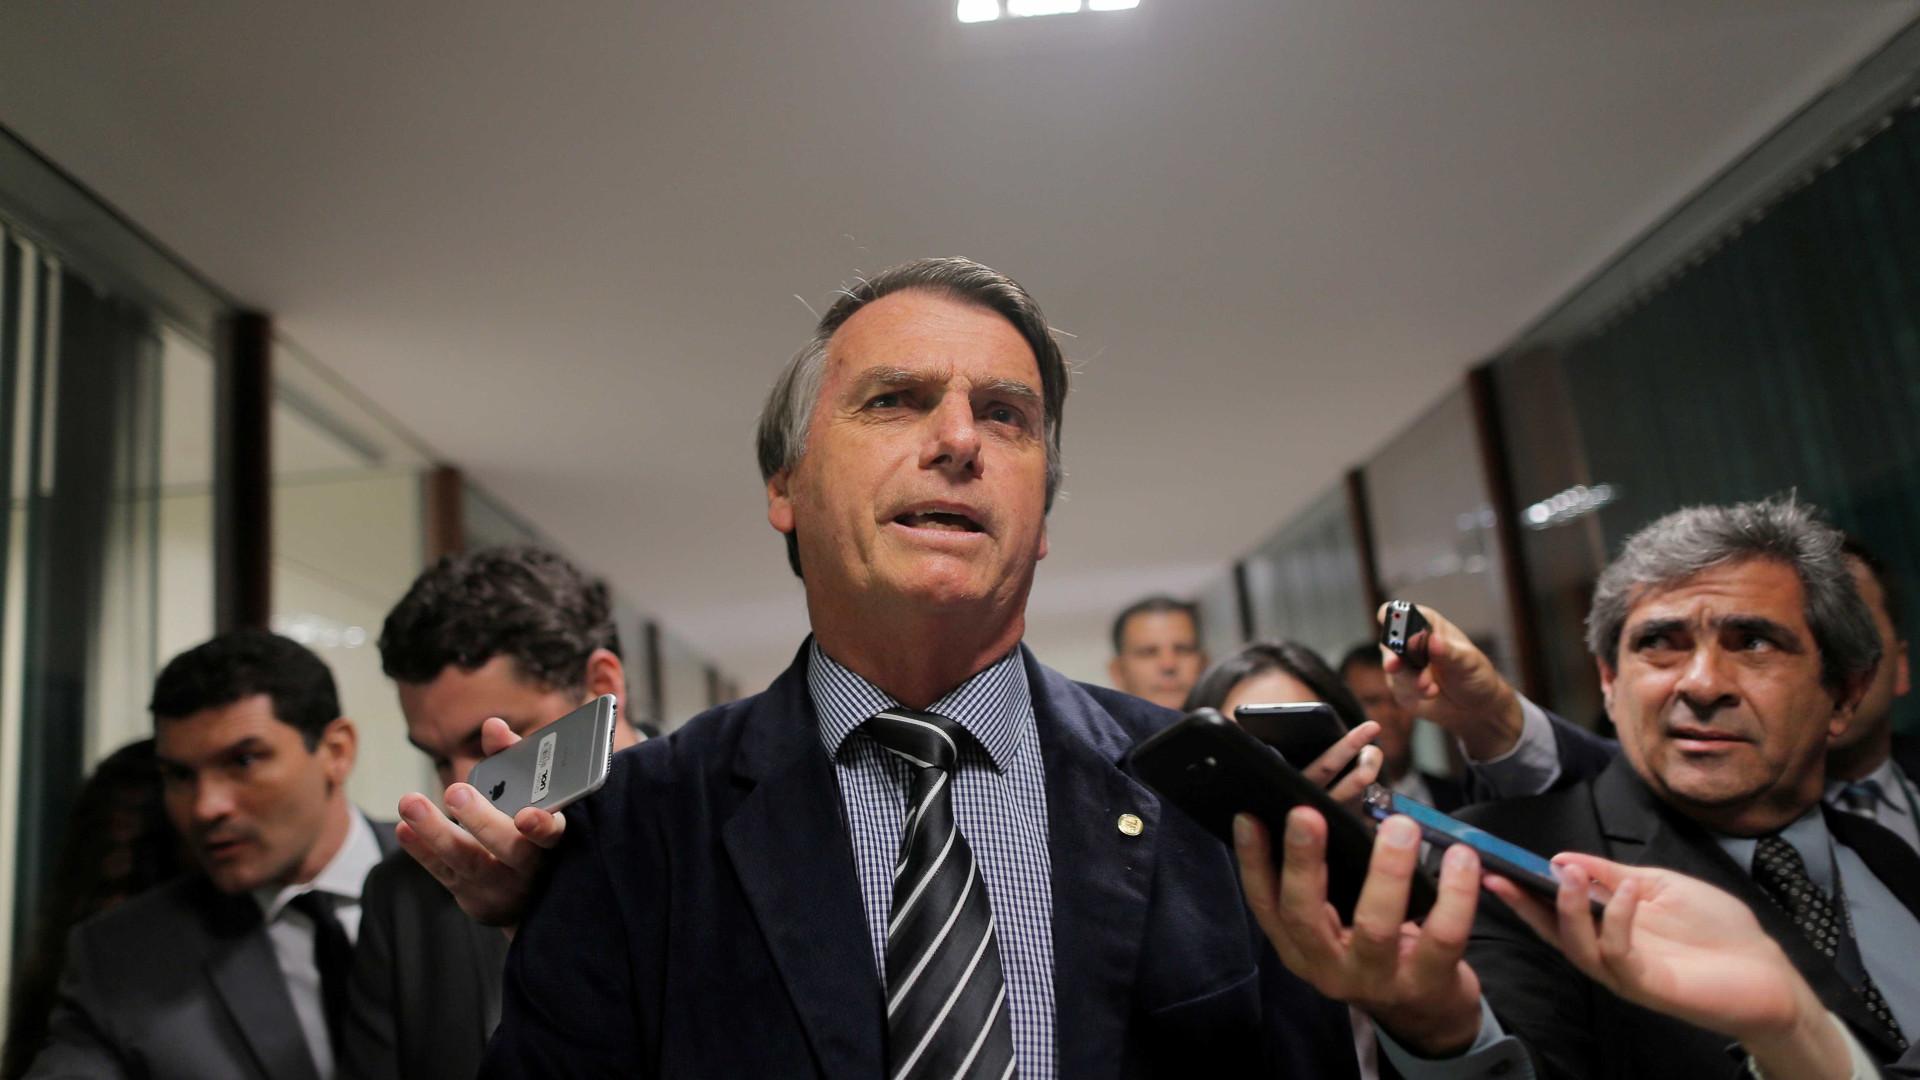 'Dispensamos voto de quem pratica violência', diz Bolsonaro